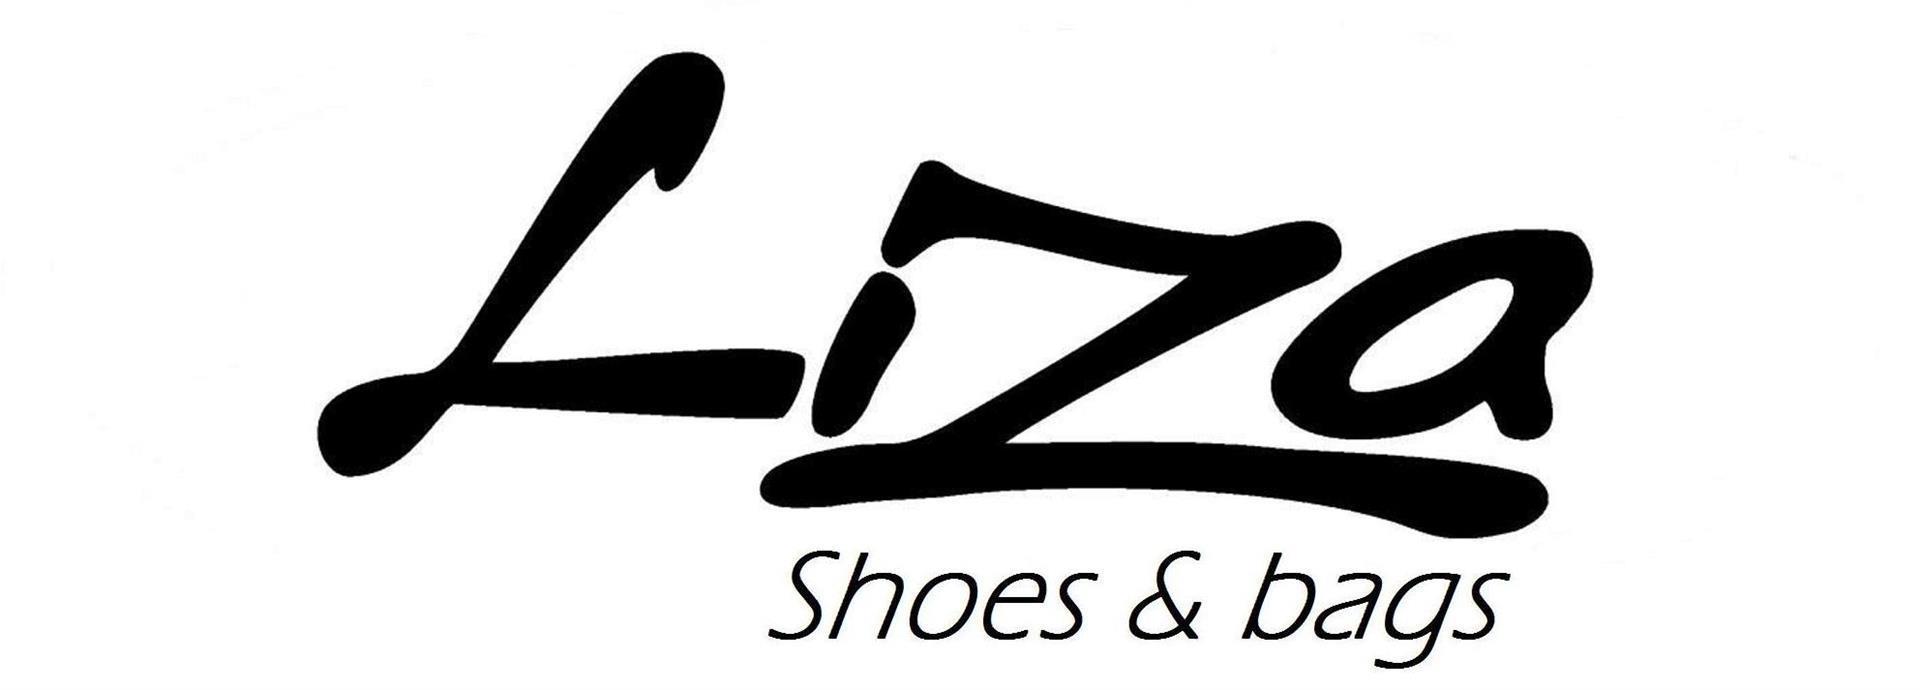 Liza shoes & bags